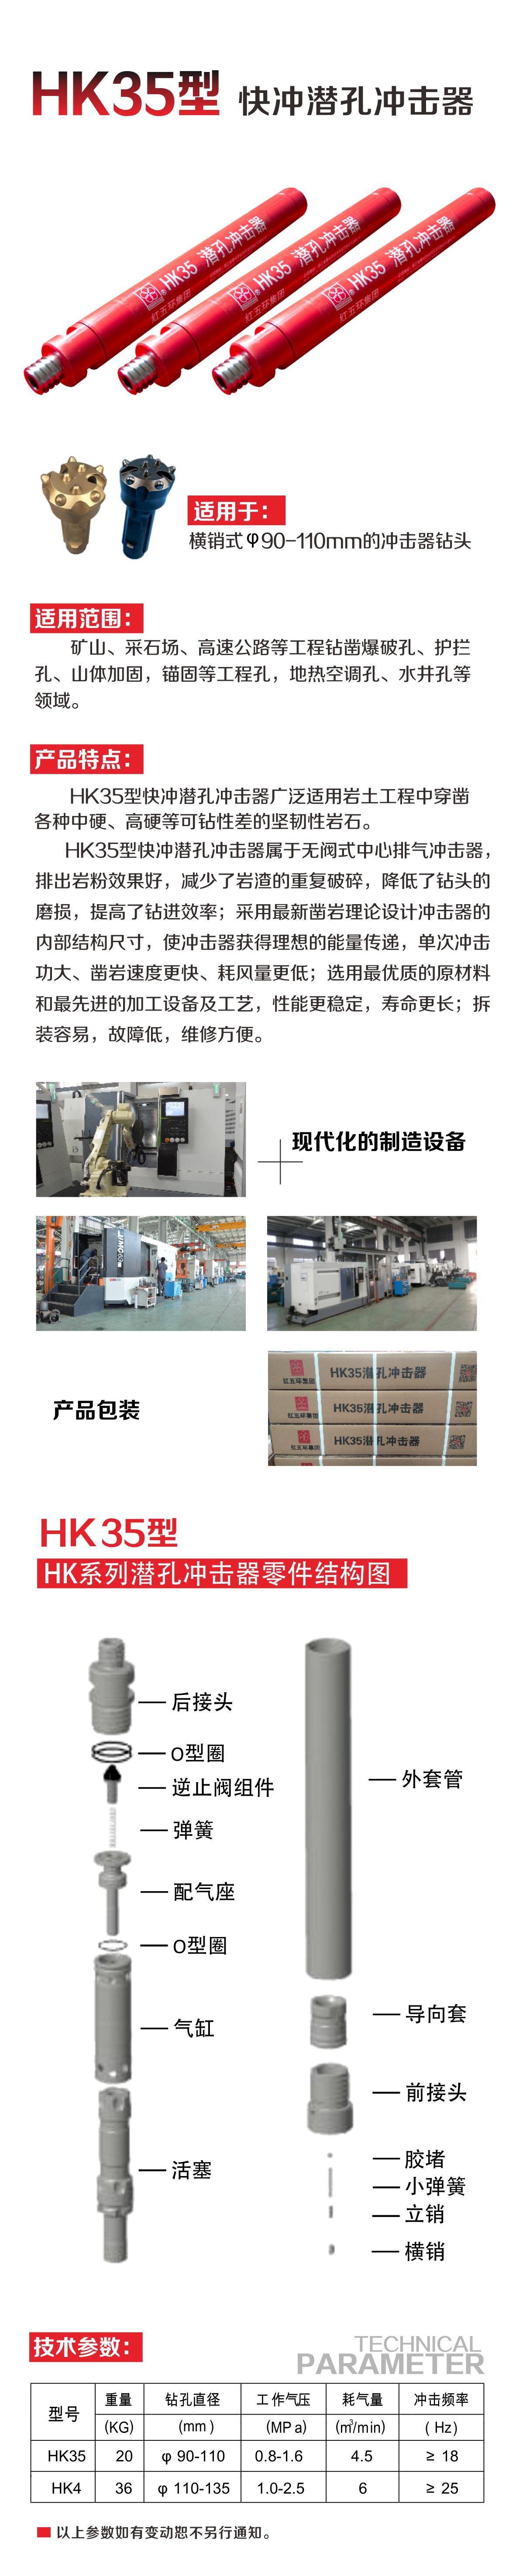 HK35潜孔冲击器